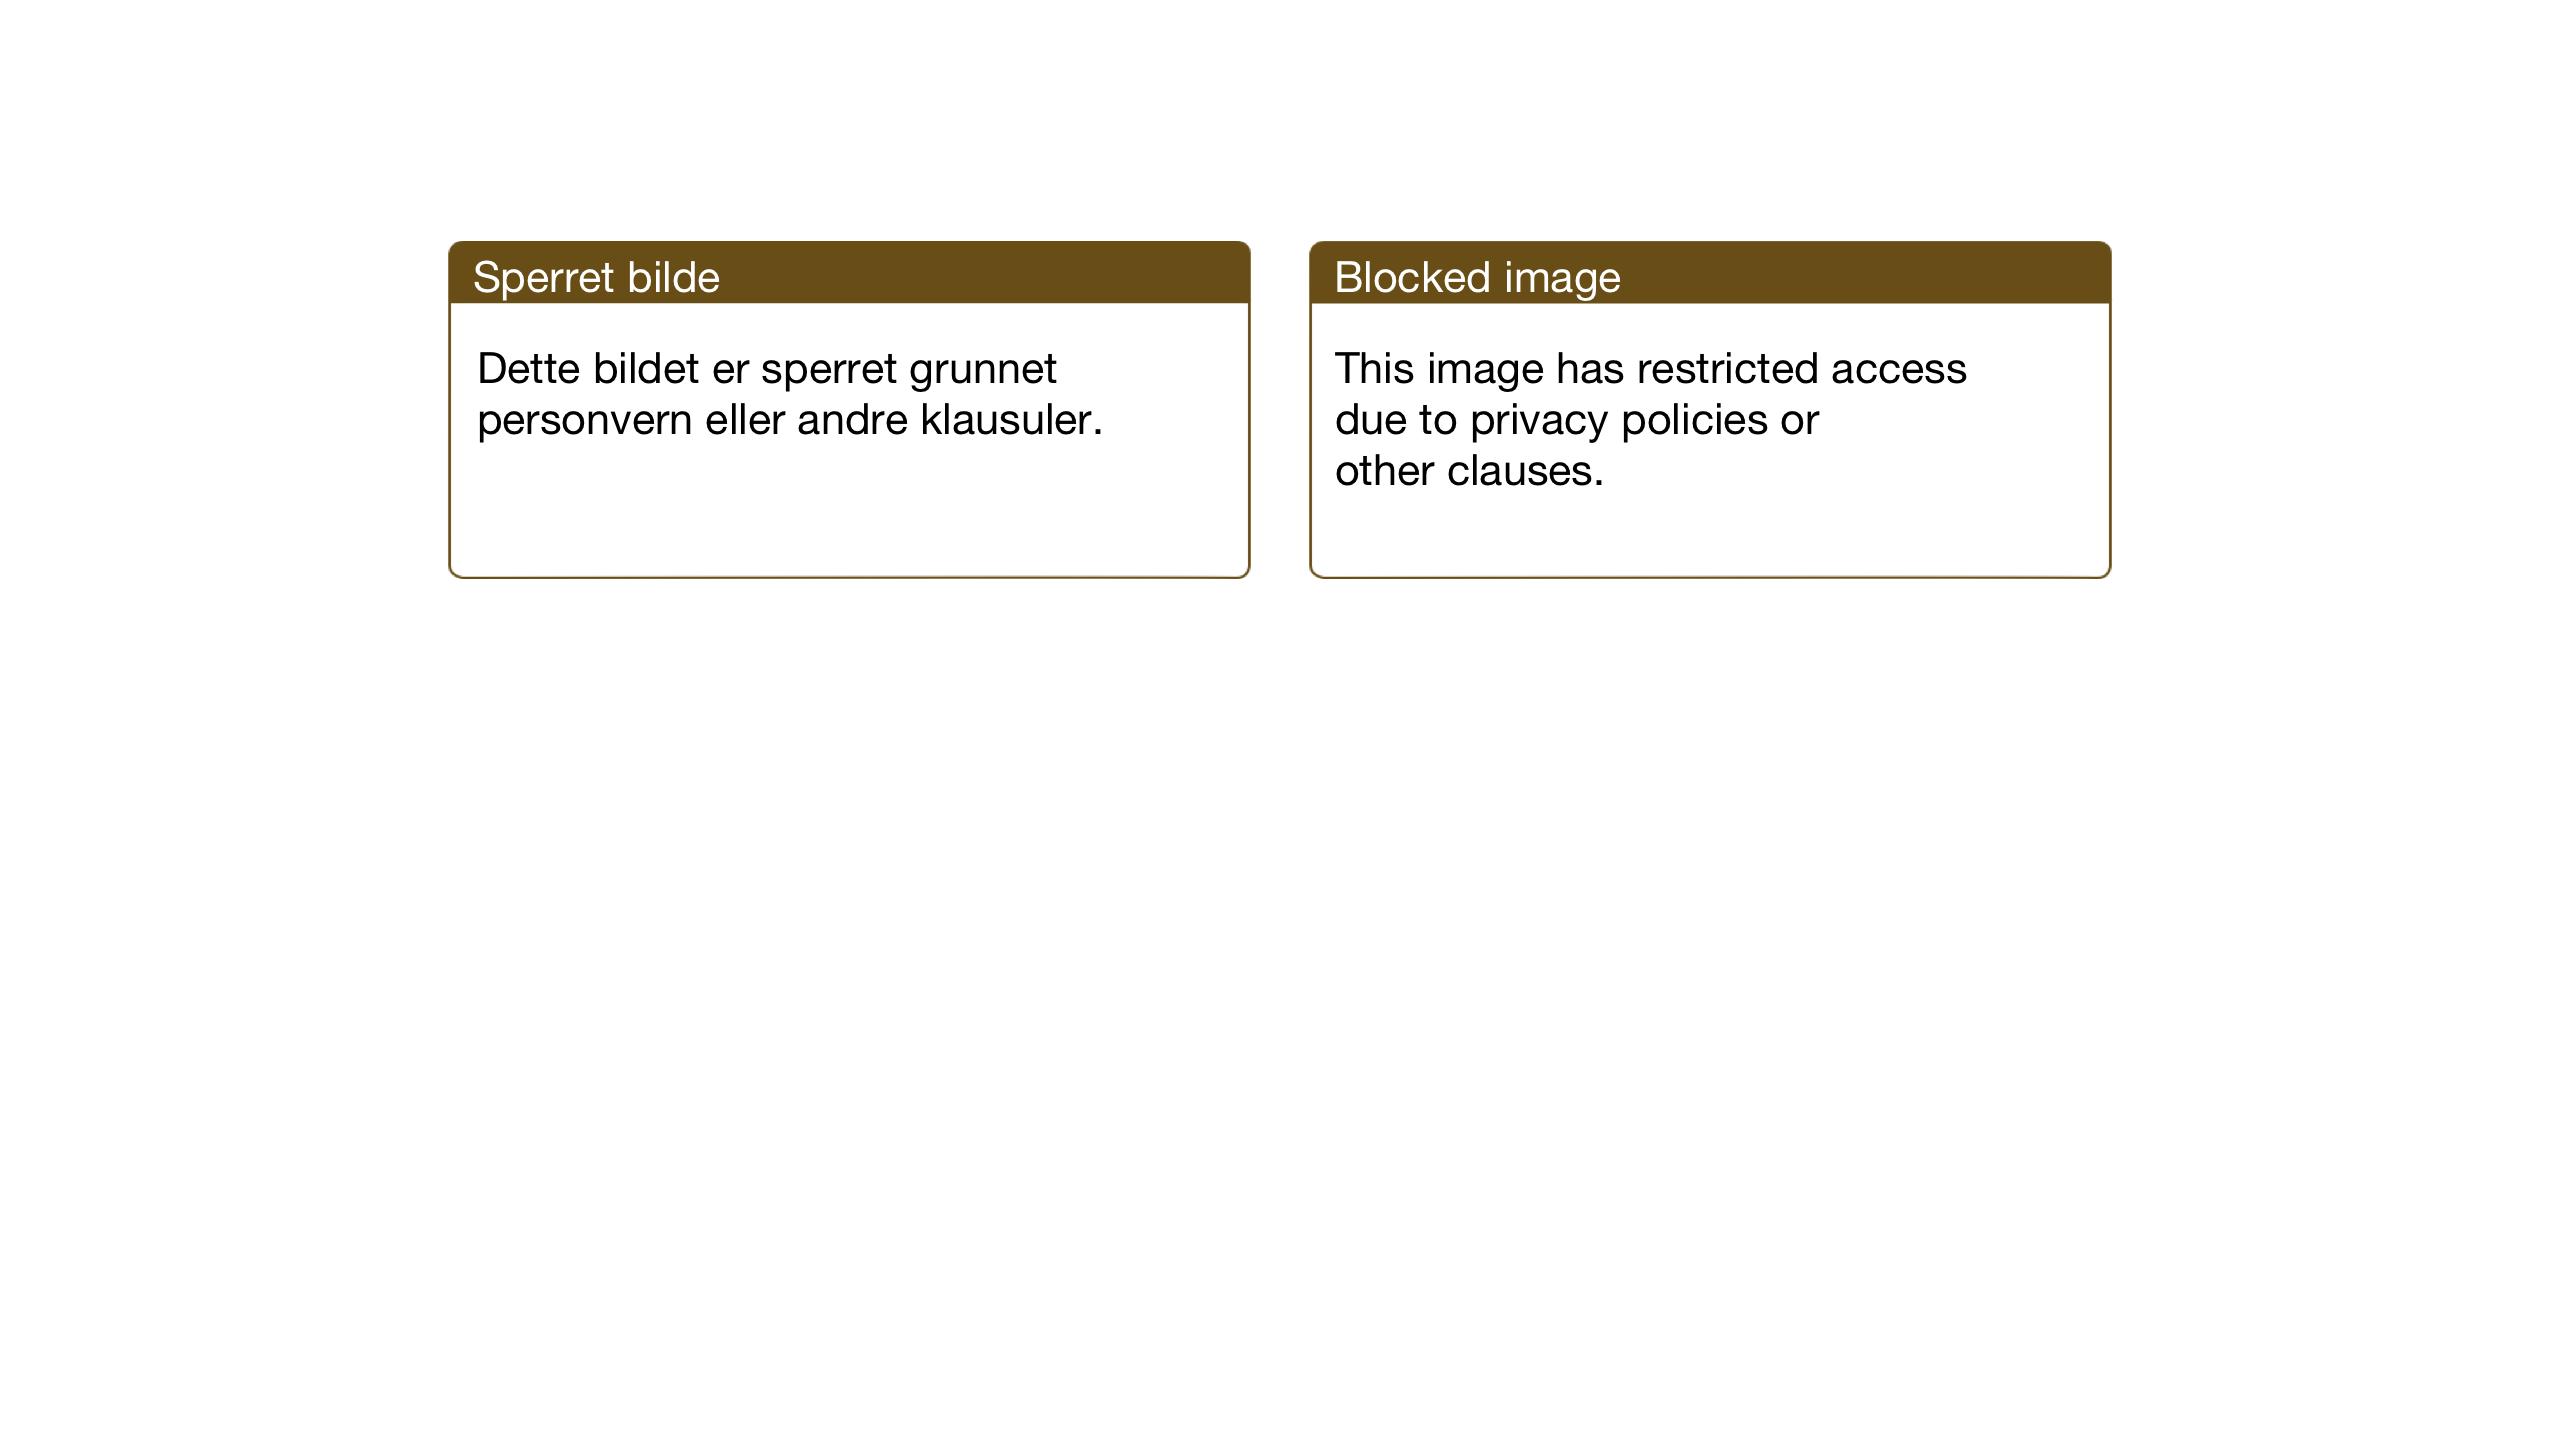 SAT, Ministerialprotokoller, klokkerbøker og fødselsregistre - Sør-Trøndelag, 640/L0590: Klokkerbok nr. 640C07, 1935-1948, s. 54